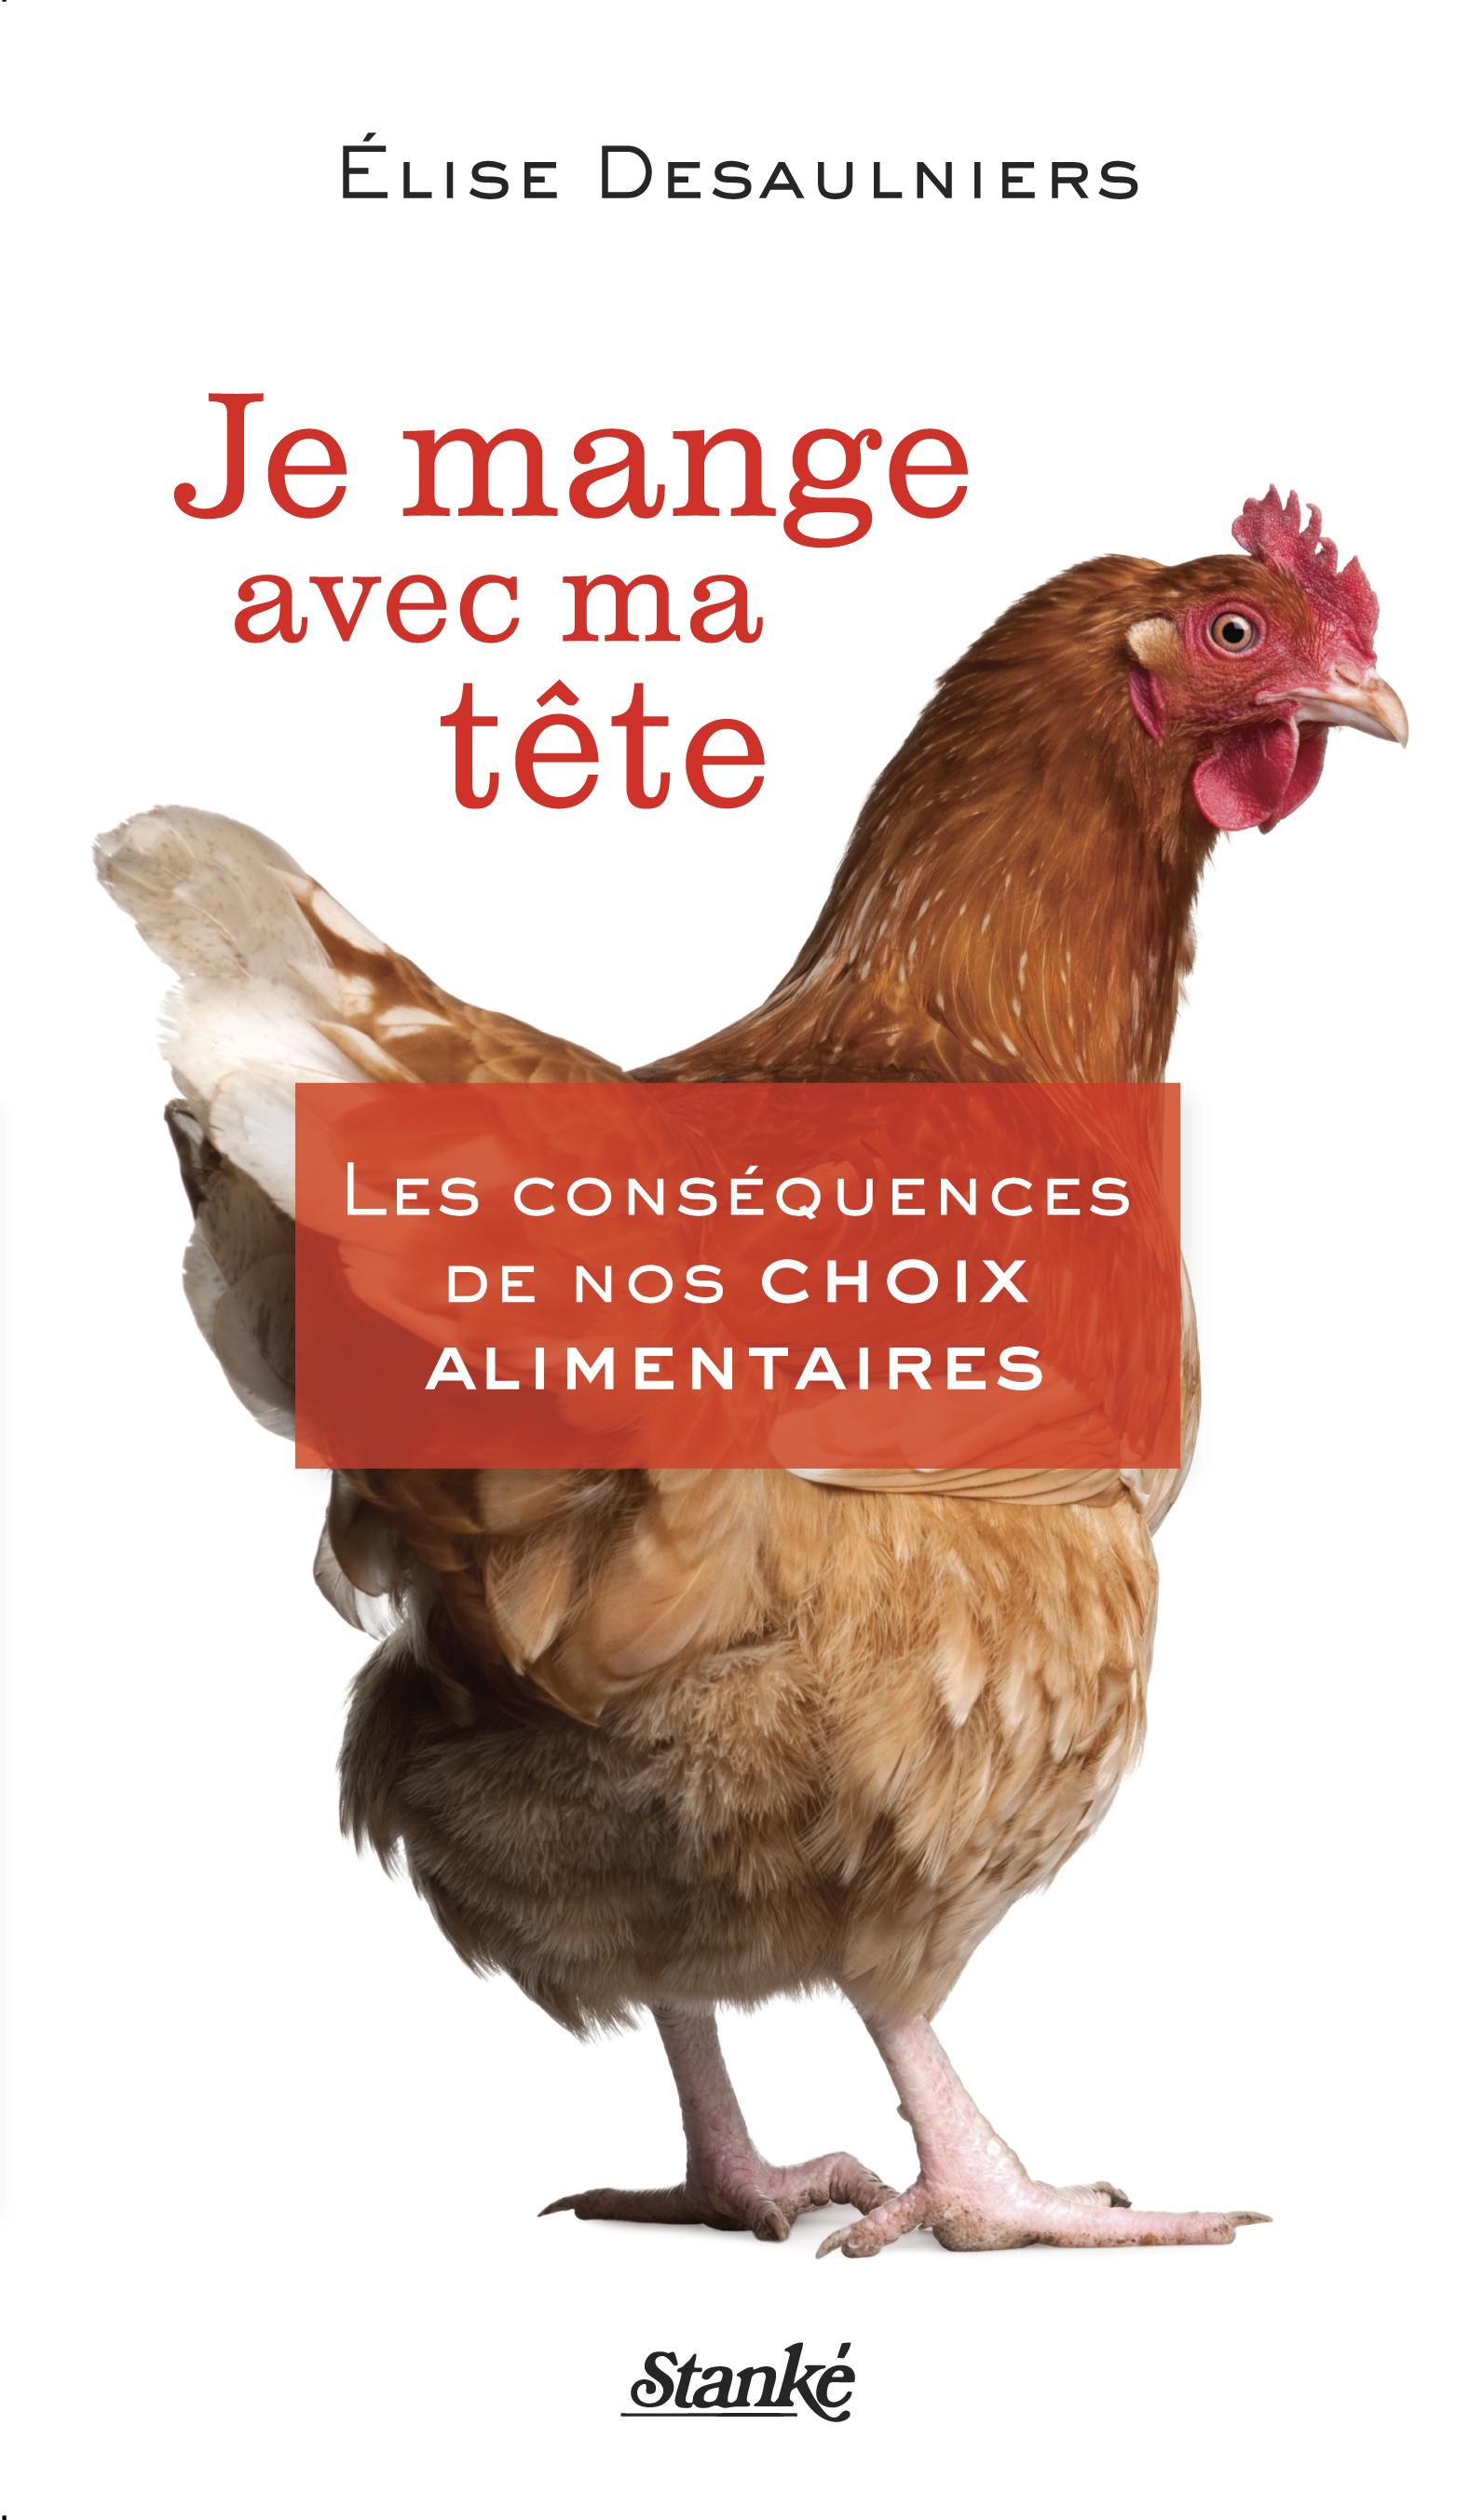 Couverture du livre Je mange avec ma tête d'Élise Desaulniers